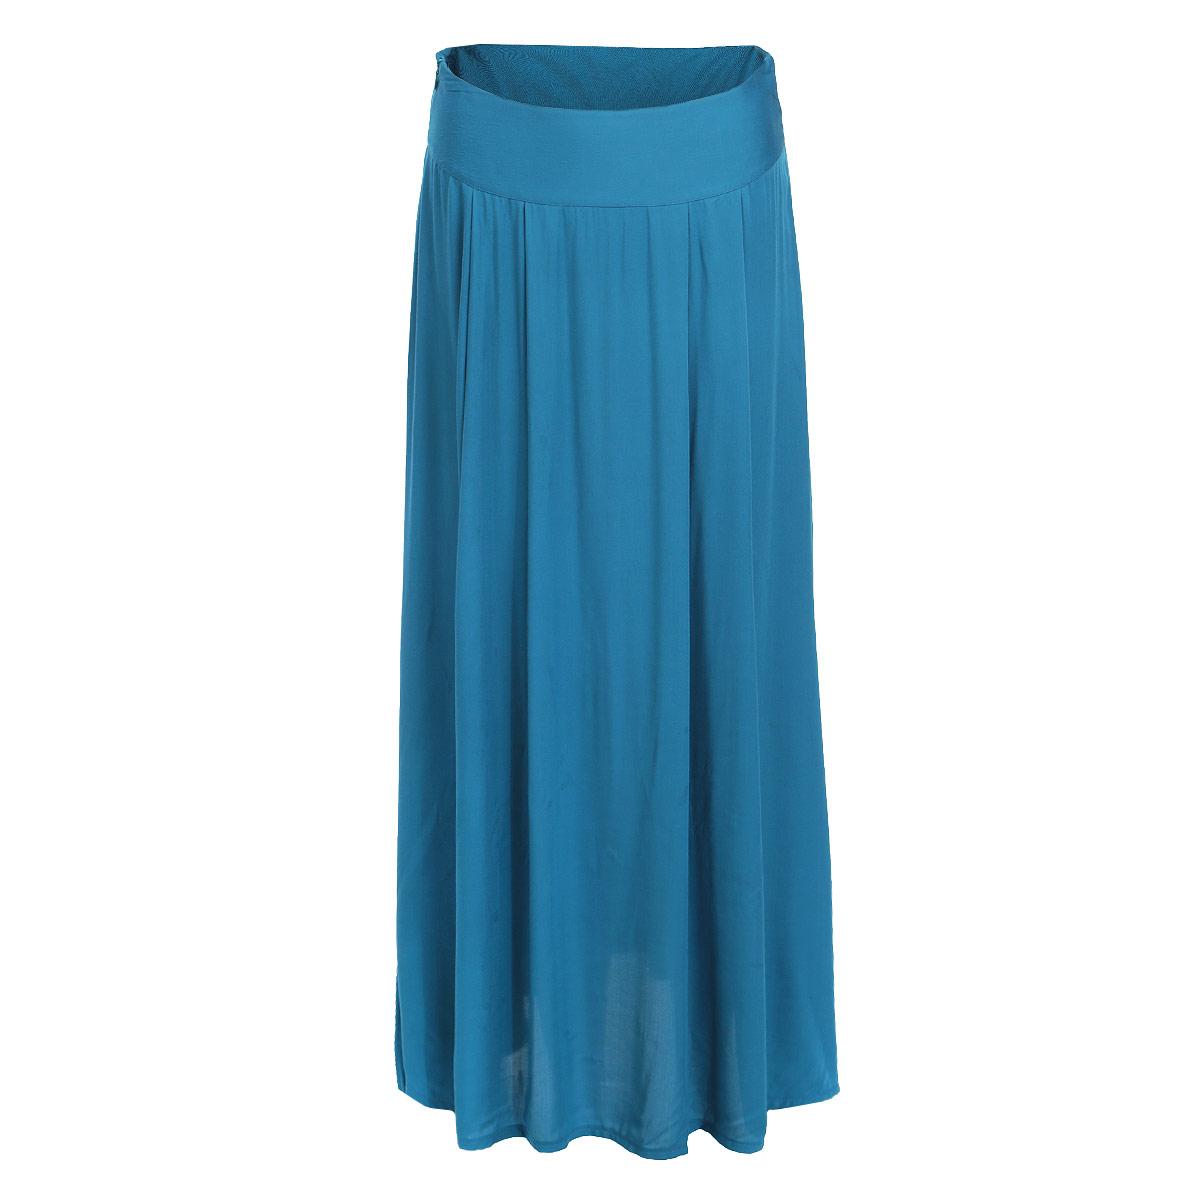 15-05-05Модная юбка Milana Style, изготовленная из высококачественного хлопкового материала, очень мягкая на ощупь, не раздражает кожу и хорошо вентилируется. Модель макси длины на широком поясе с посадкой на талии, застегивается на потайную молнию в боковом шве. Стильная юбка модной длины позволит вам создать неповторимый женственный образ. В таком наряде вы, безусловно, привлечете восхищенные взгляды окружающих.